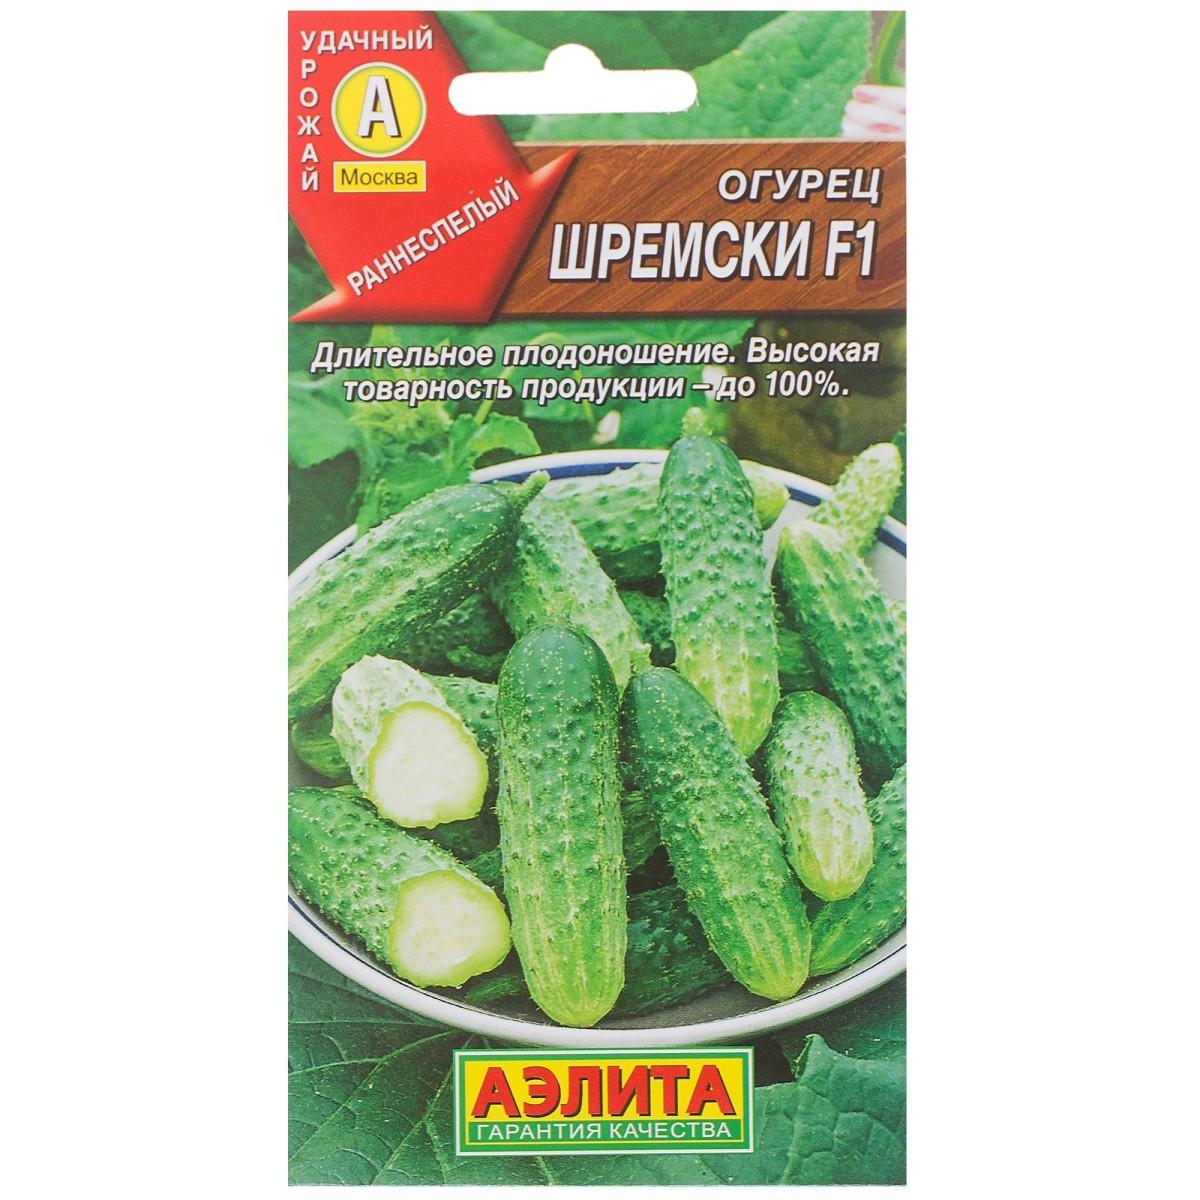 Семена Огурец Шремски F1 0.3 г